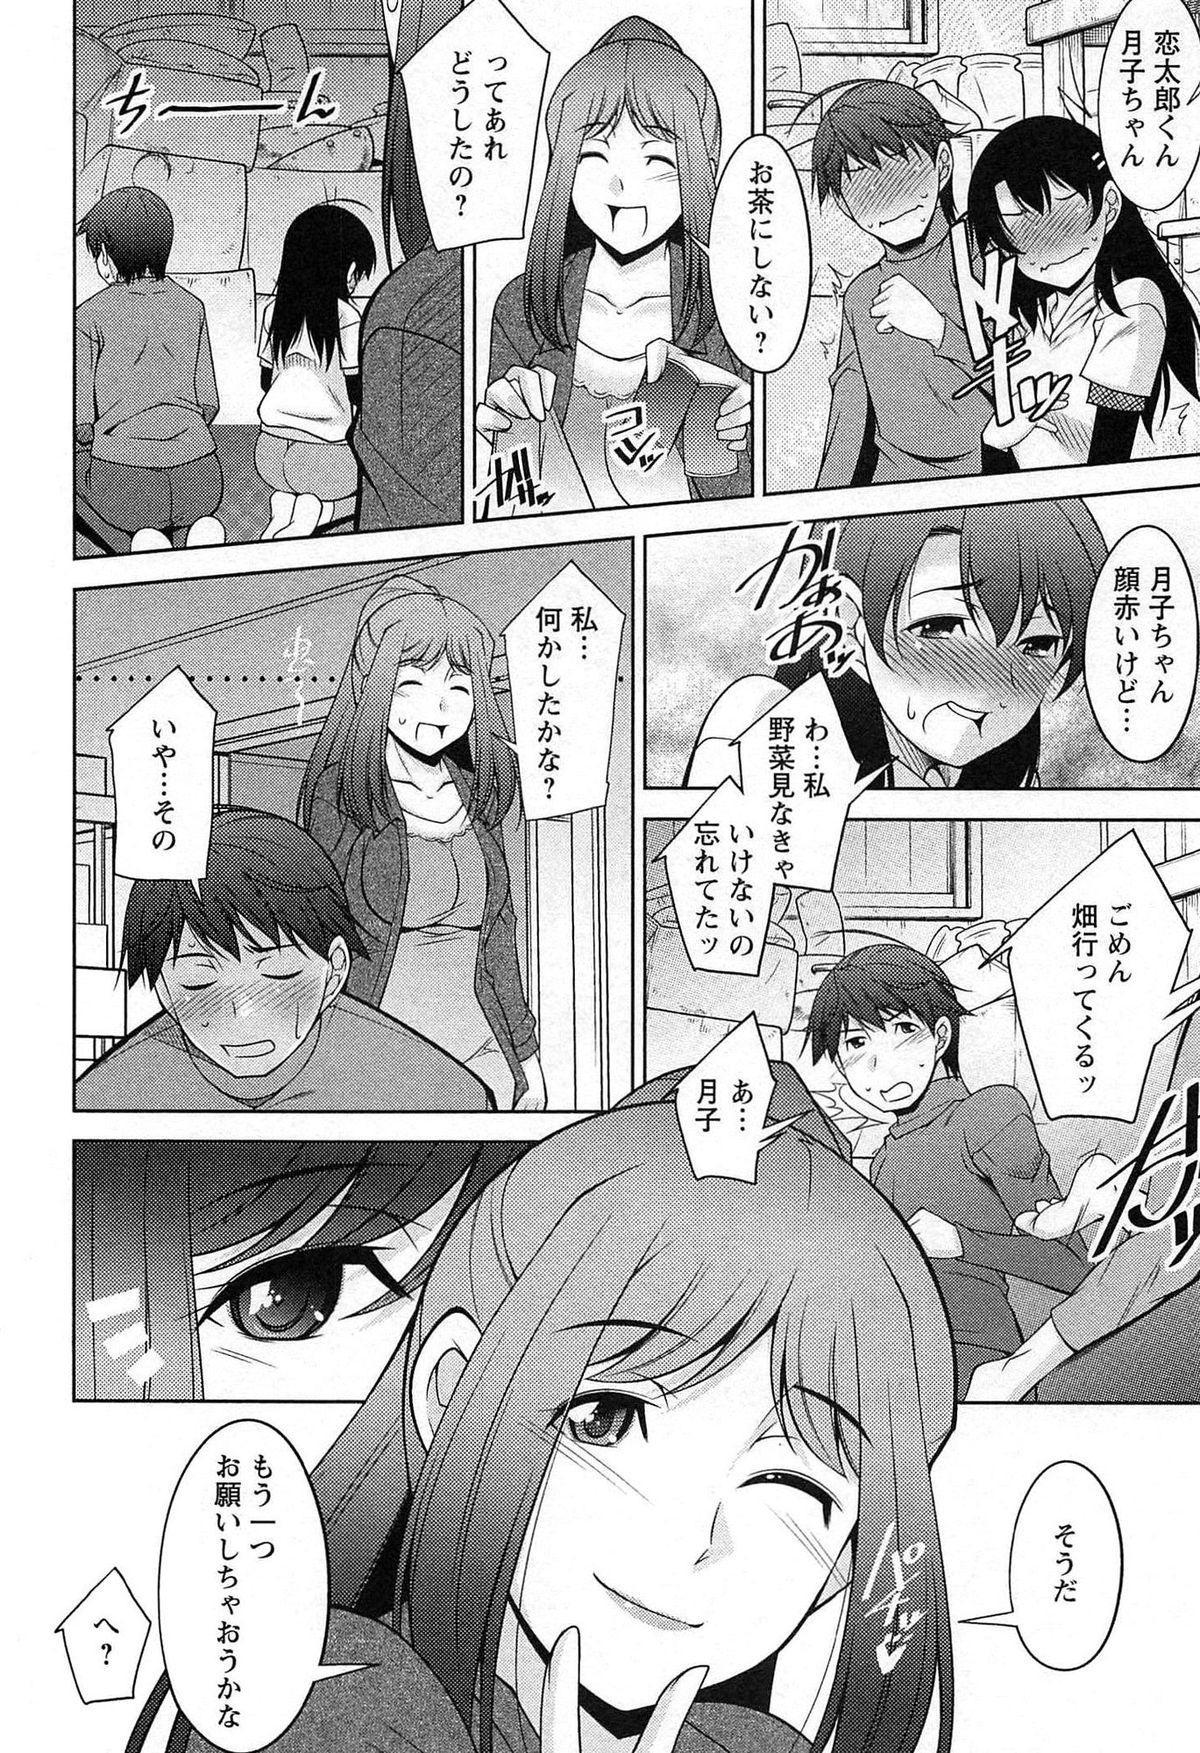 [zen9] Tsuki-wo Ai-Shite - Tsuki-ni Koi-shite 2 14